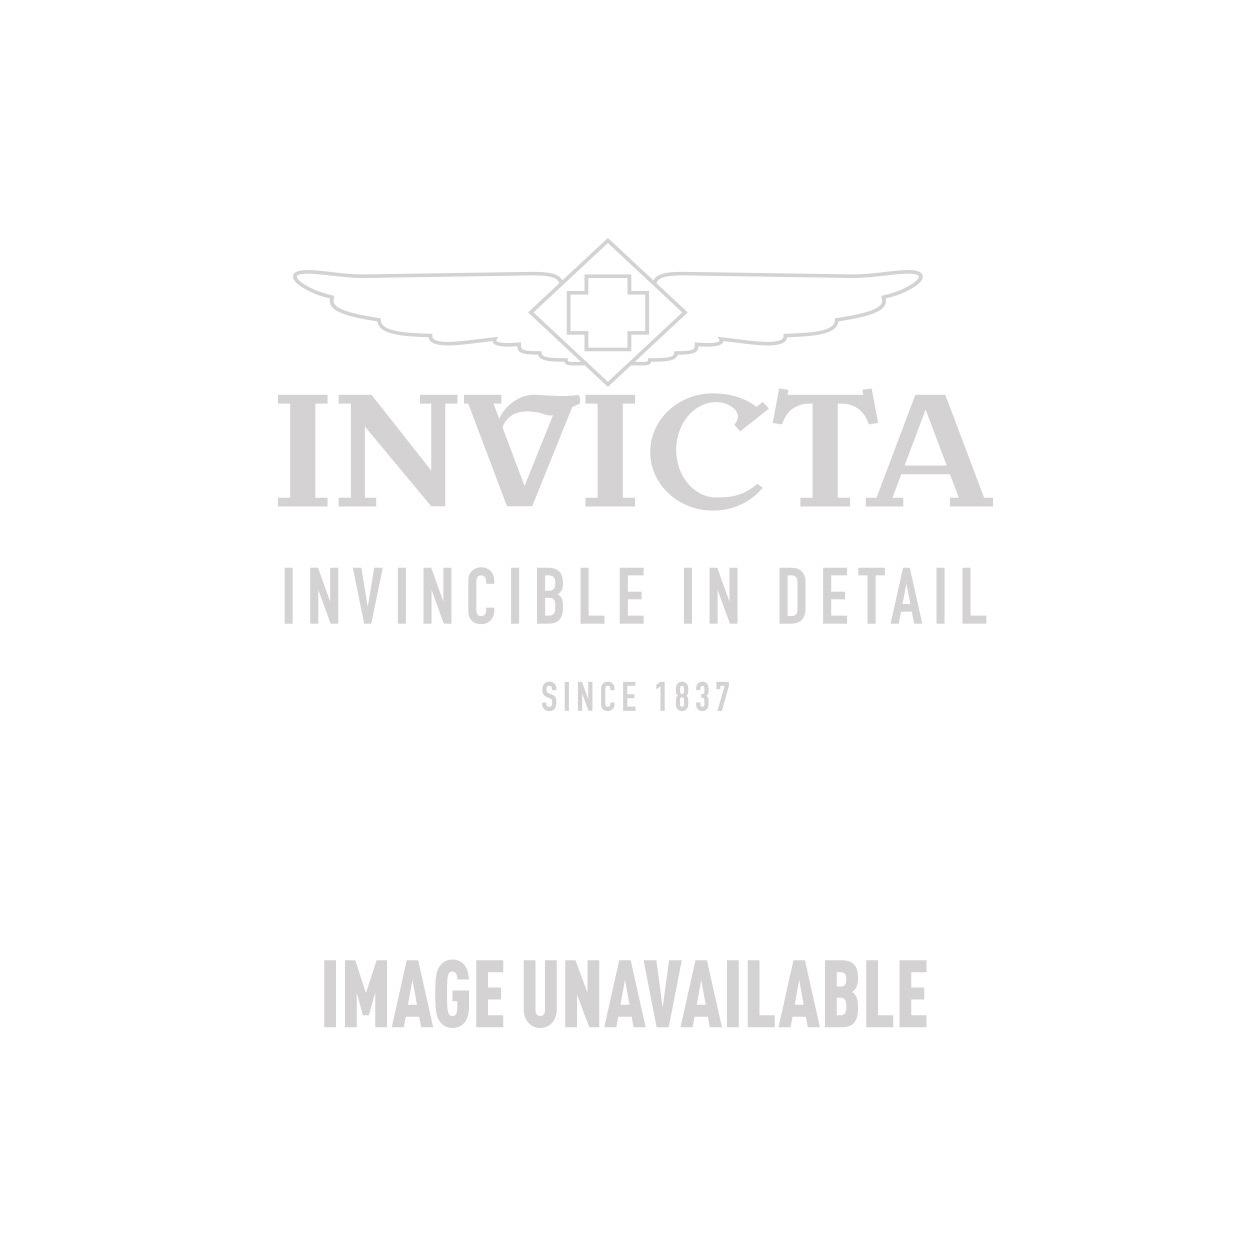 Invicta Model 24708